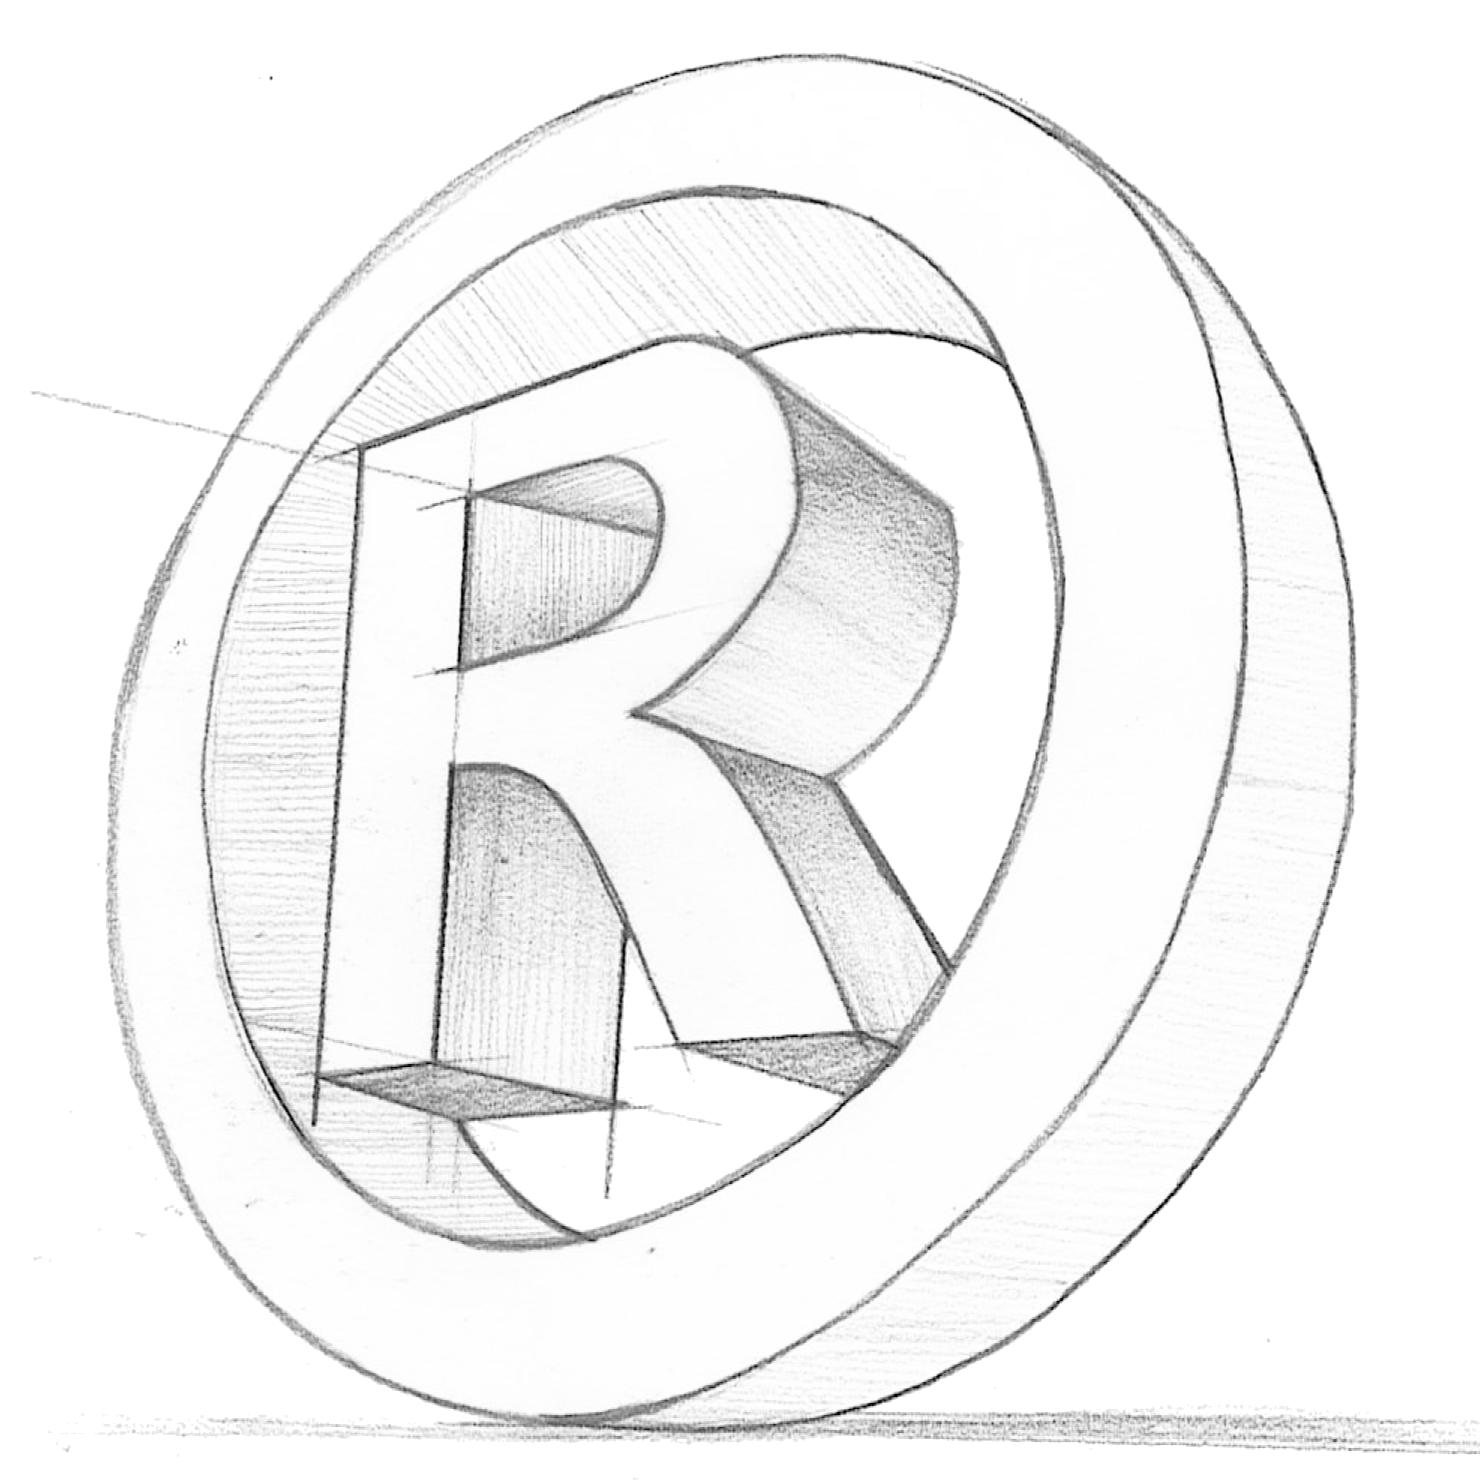 marca_registrada